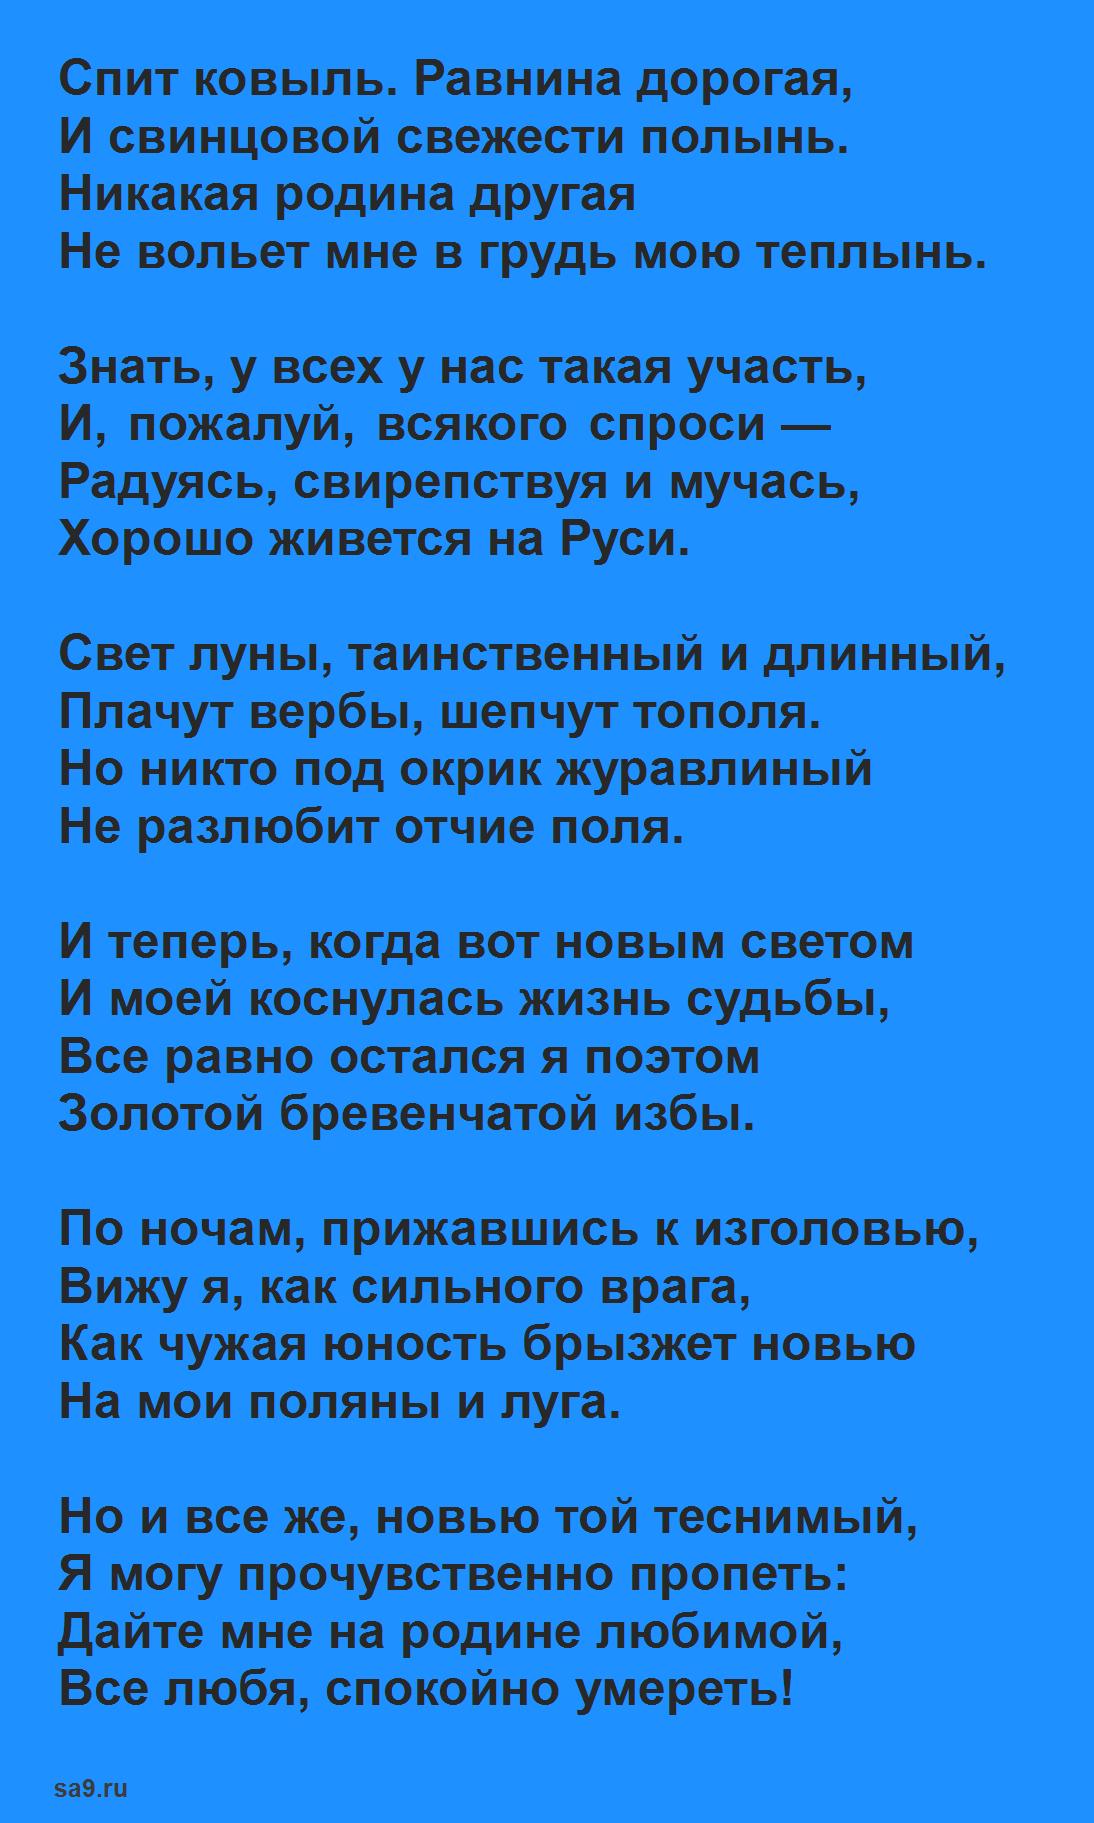 Читать стихи о Родине для детей 4-5 класса - Спит ковыль, Есенин